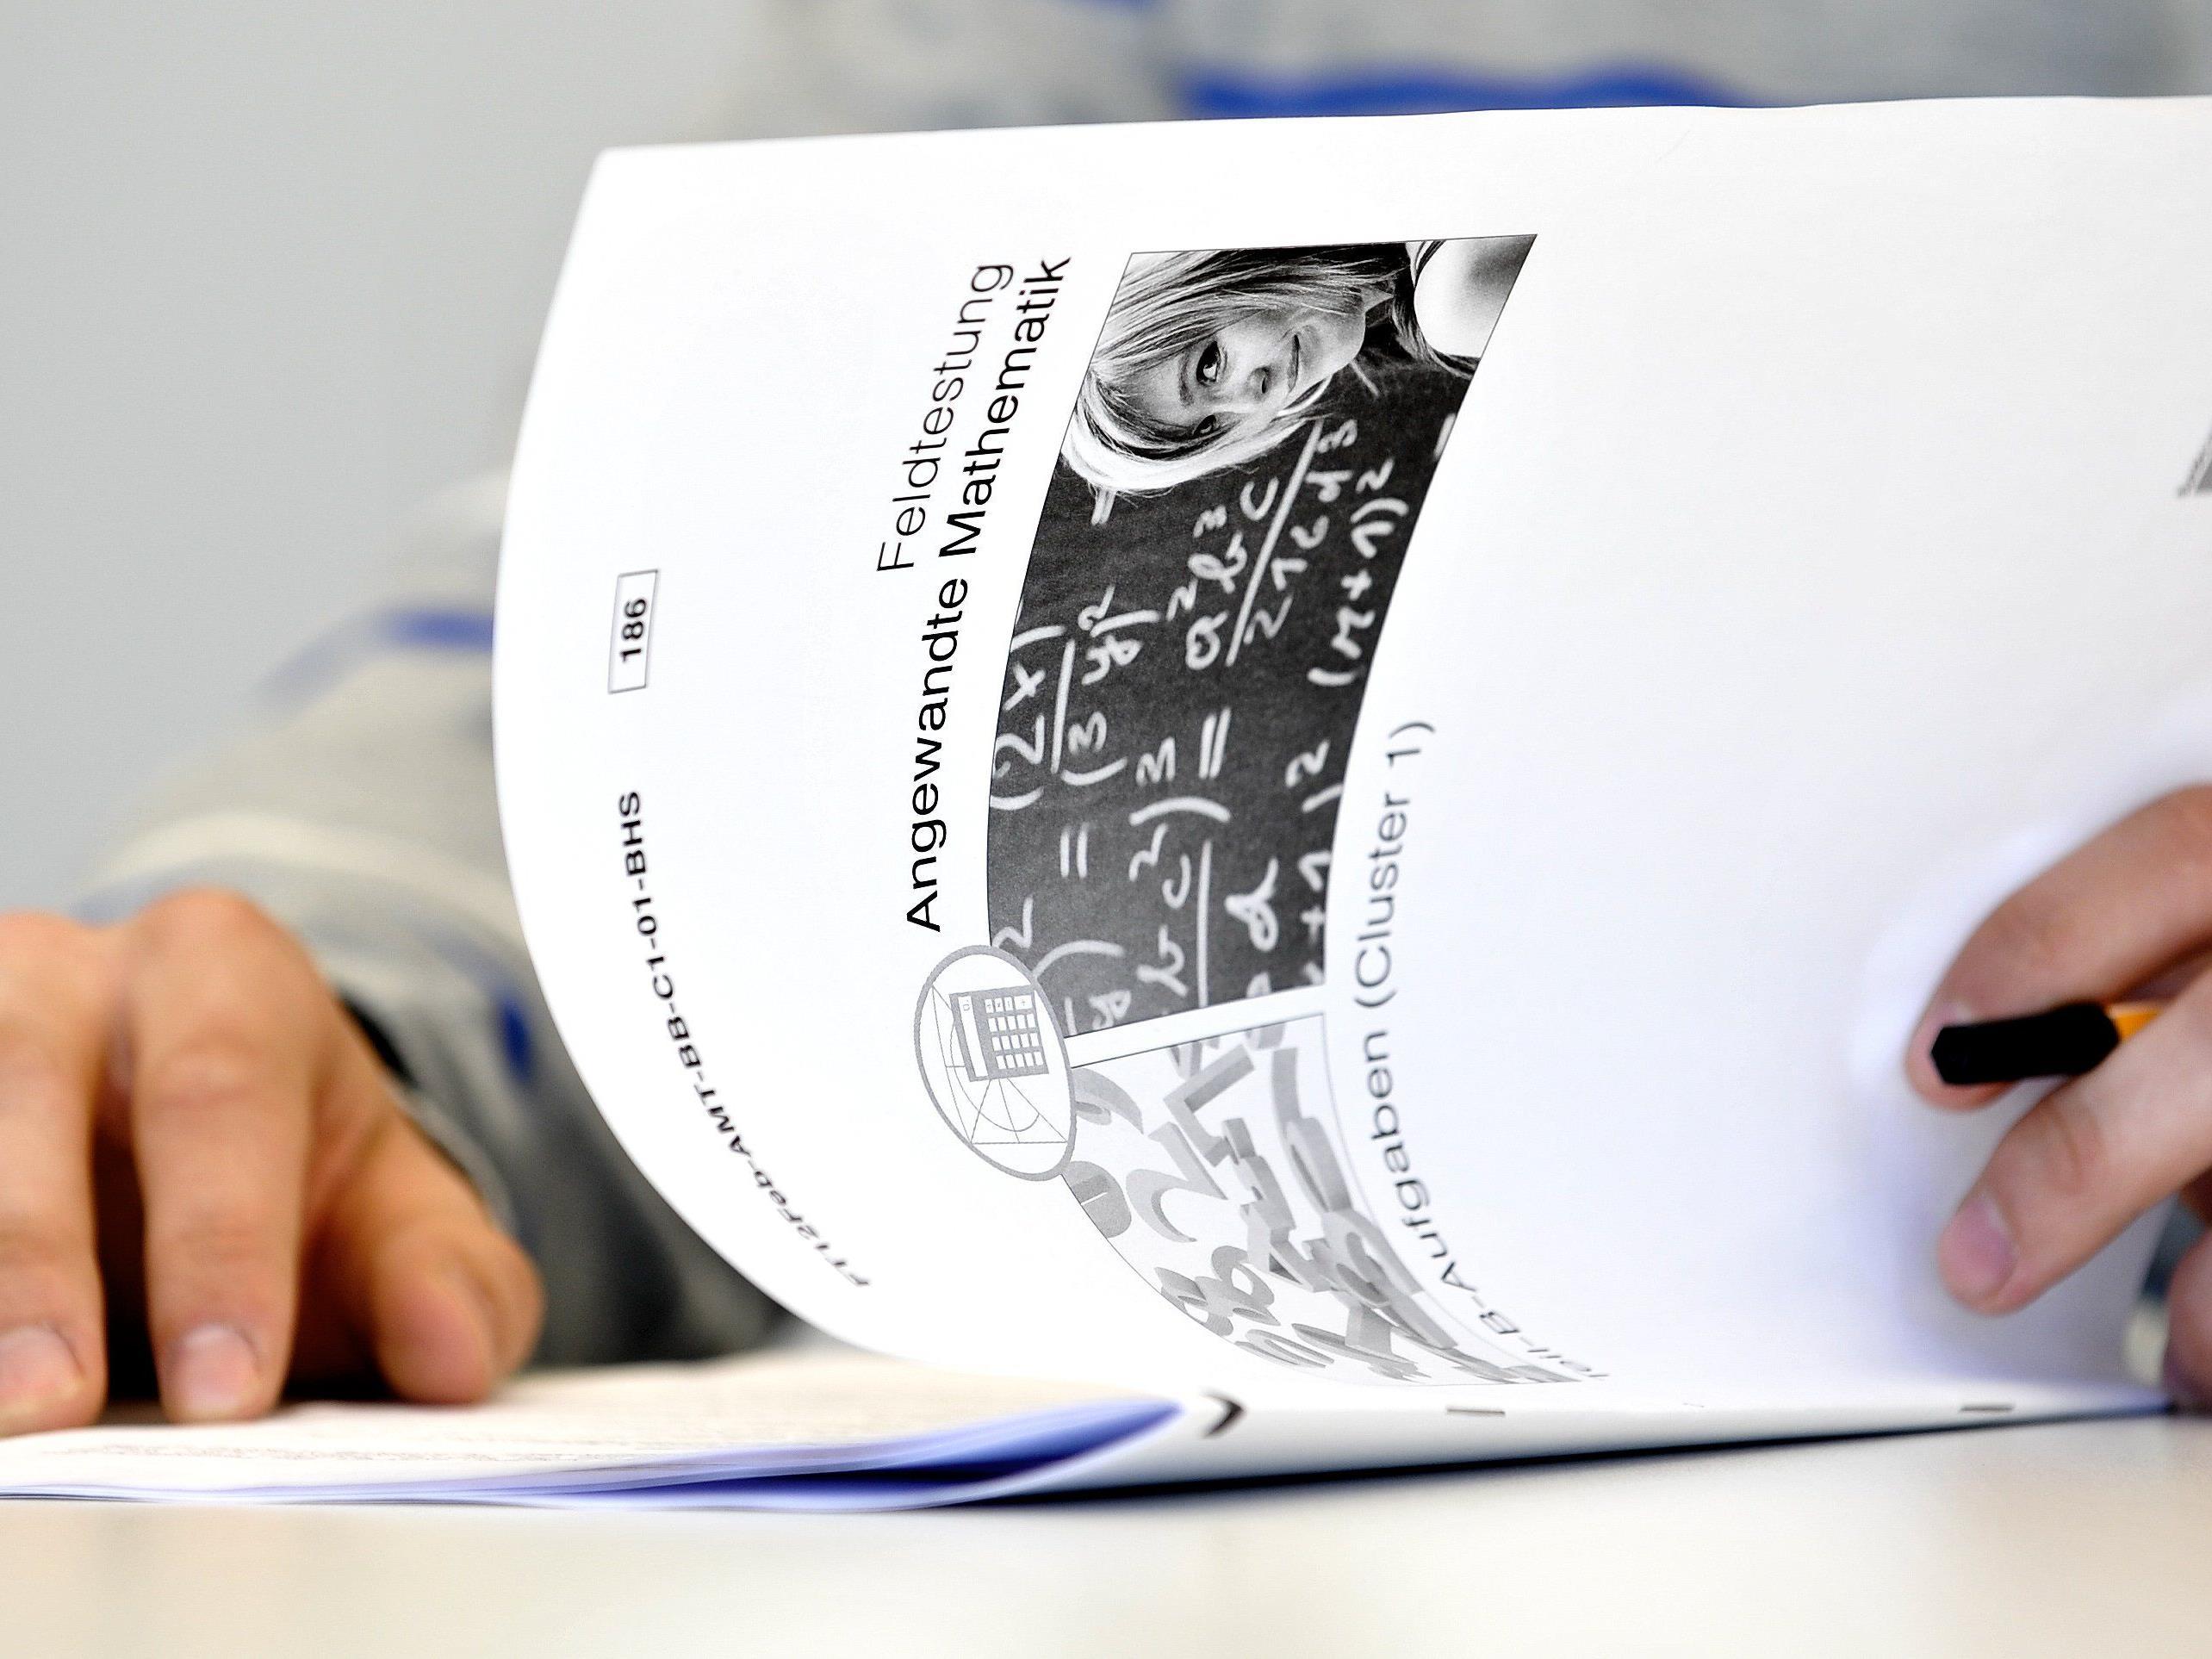 Matura: Ermahnung für Lehrer nach Schummel-Aktion an Wiener AHS